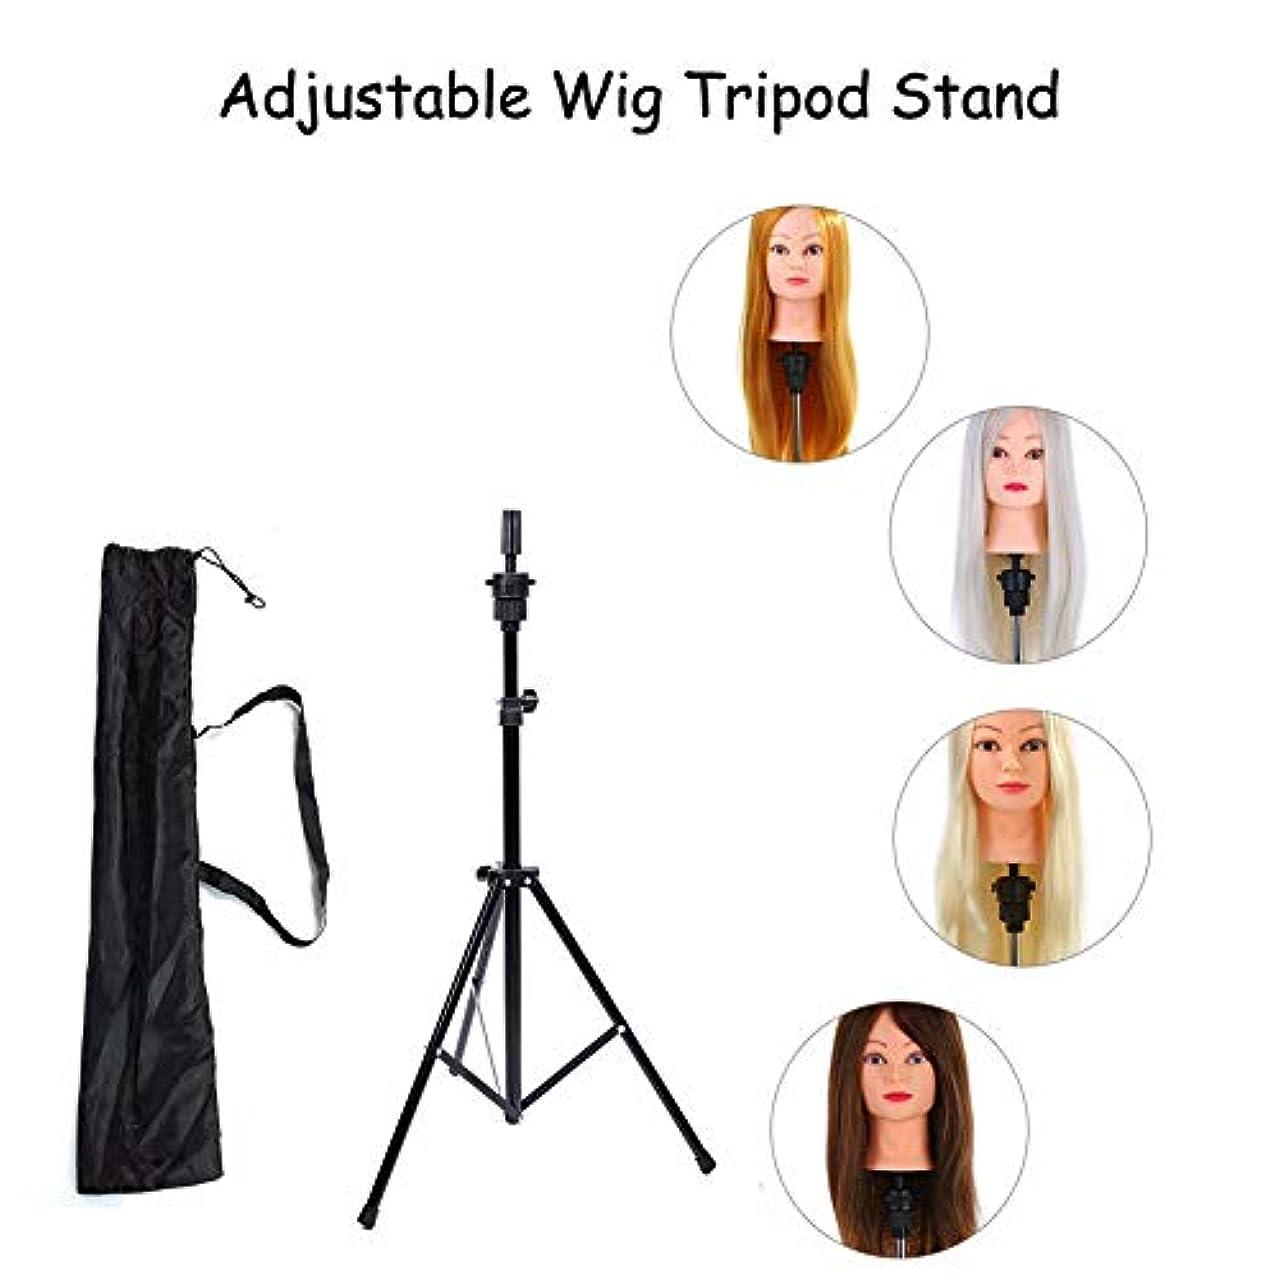 ヒギンズ人事箱マネキンウィッグヘッド三脚スタンド調節可能な美容トレーニング人形ヘッドホルダー用理髪かつらスタンド付きキャリーバッグ